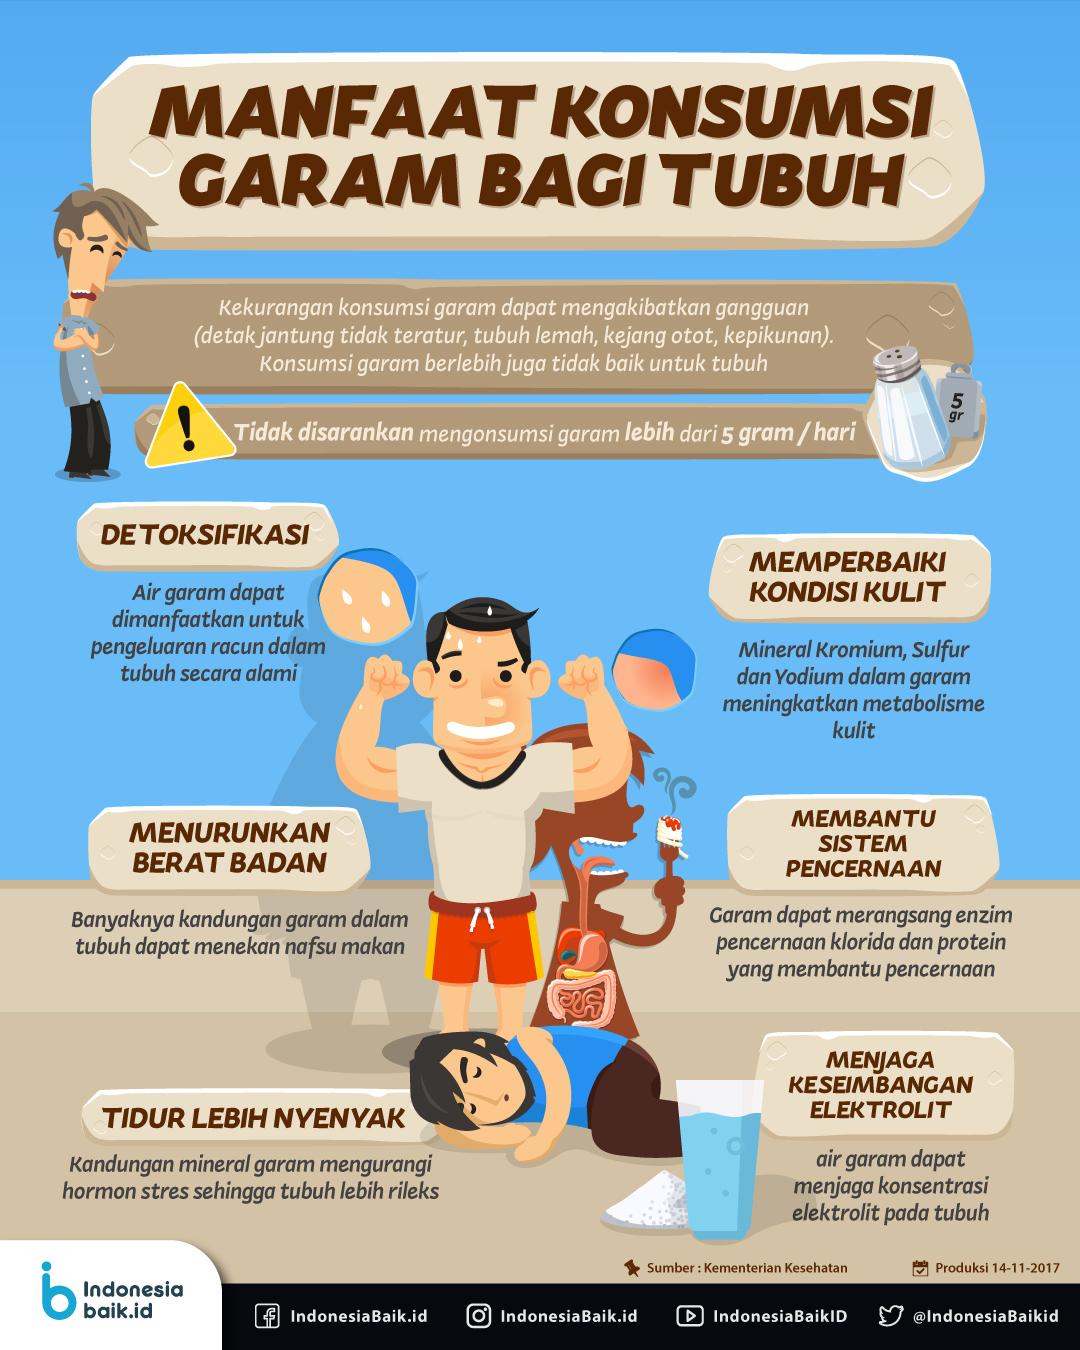 Manfaat Konsumsi Garam Bagi Tubuh Indonesia Baik